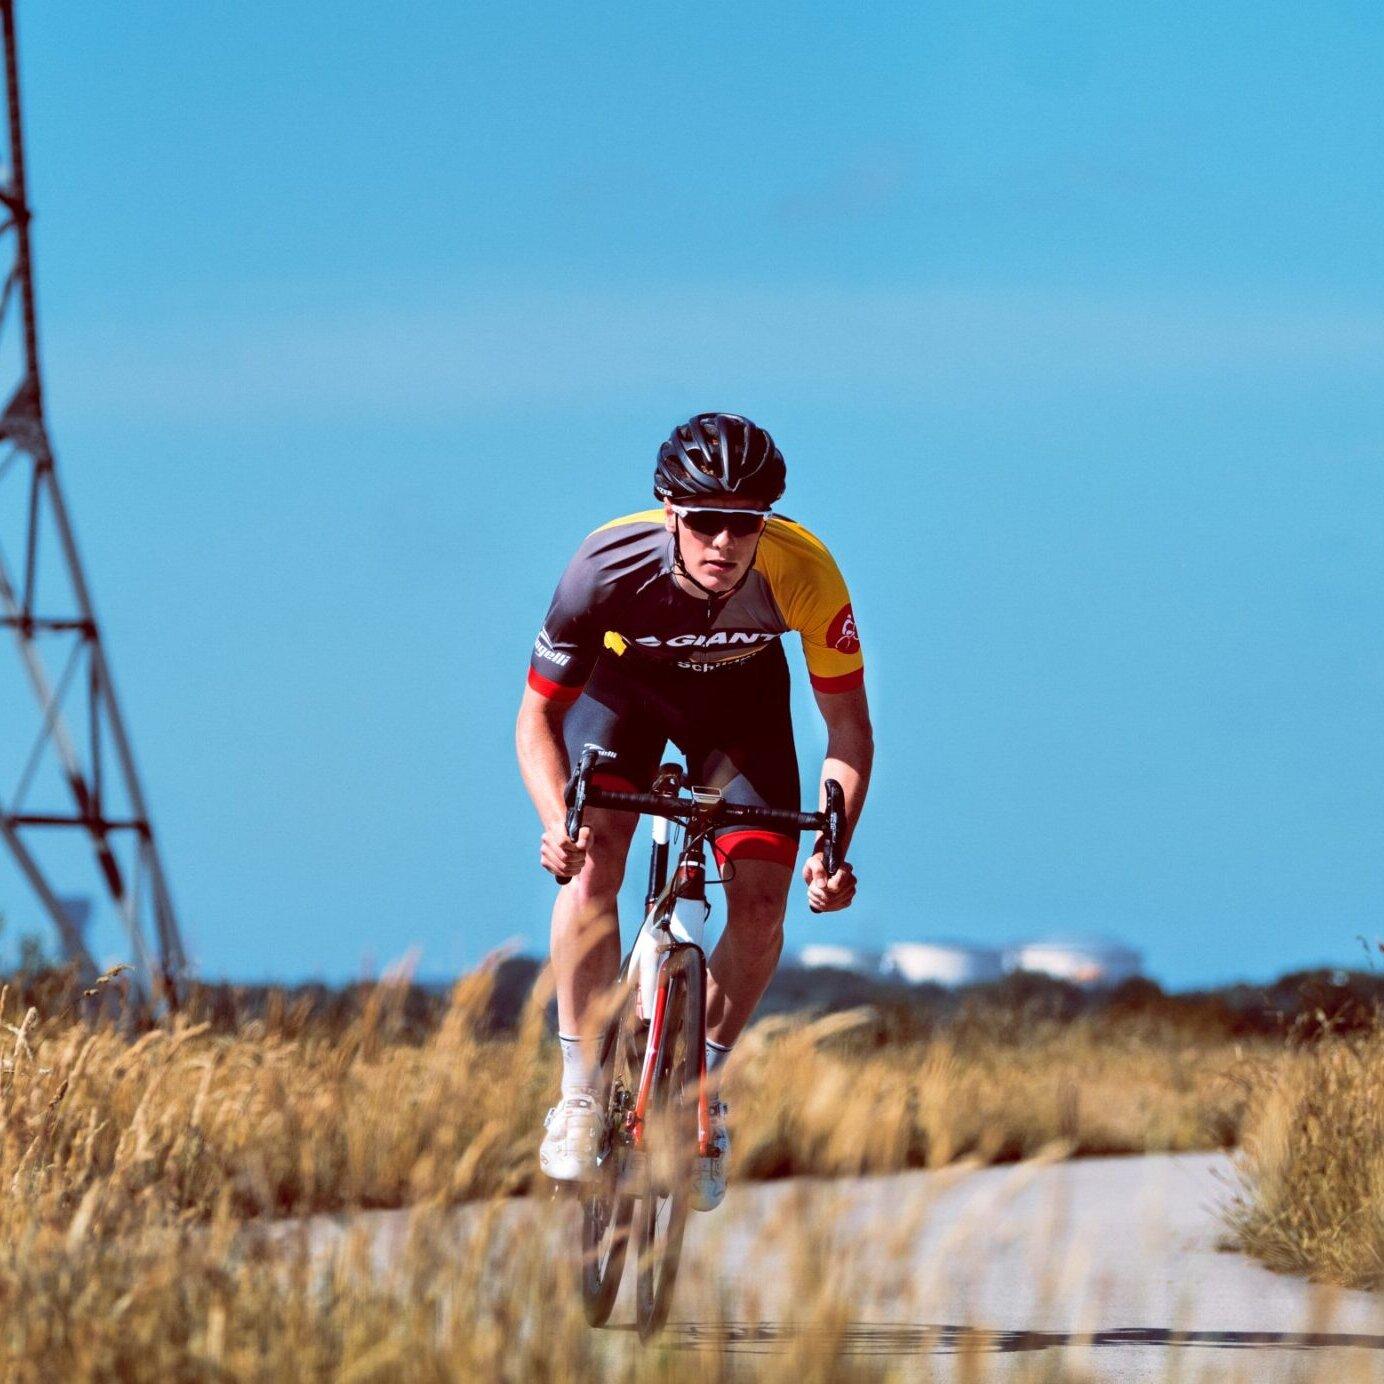 portfolio foto van wielrenner die sprint